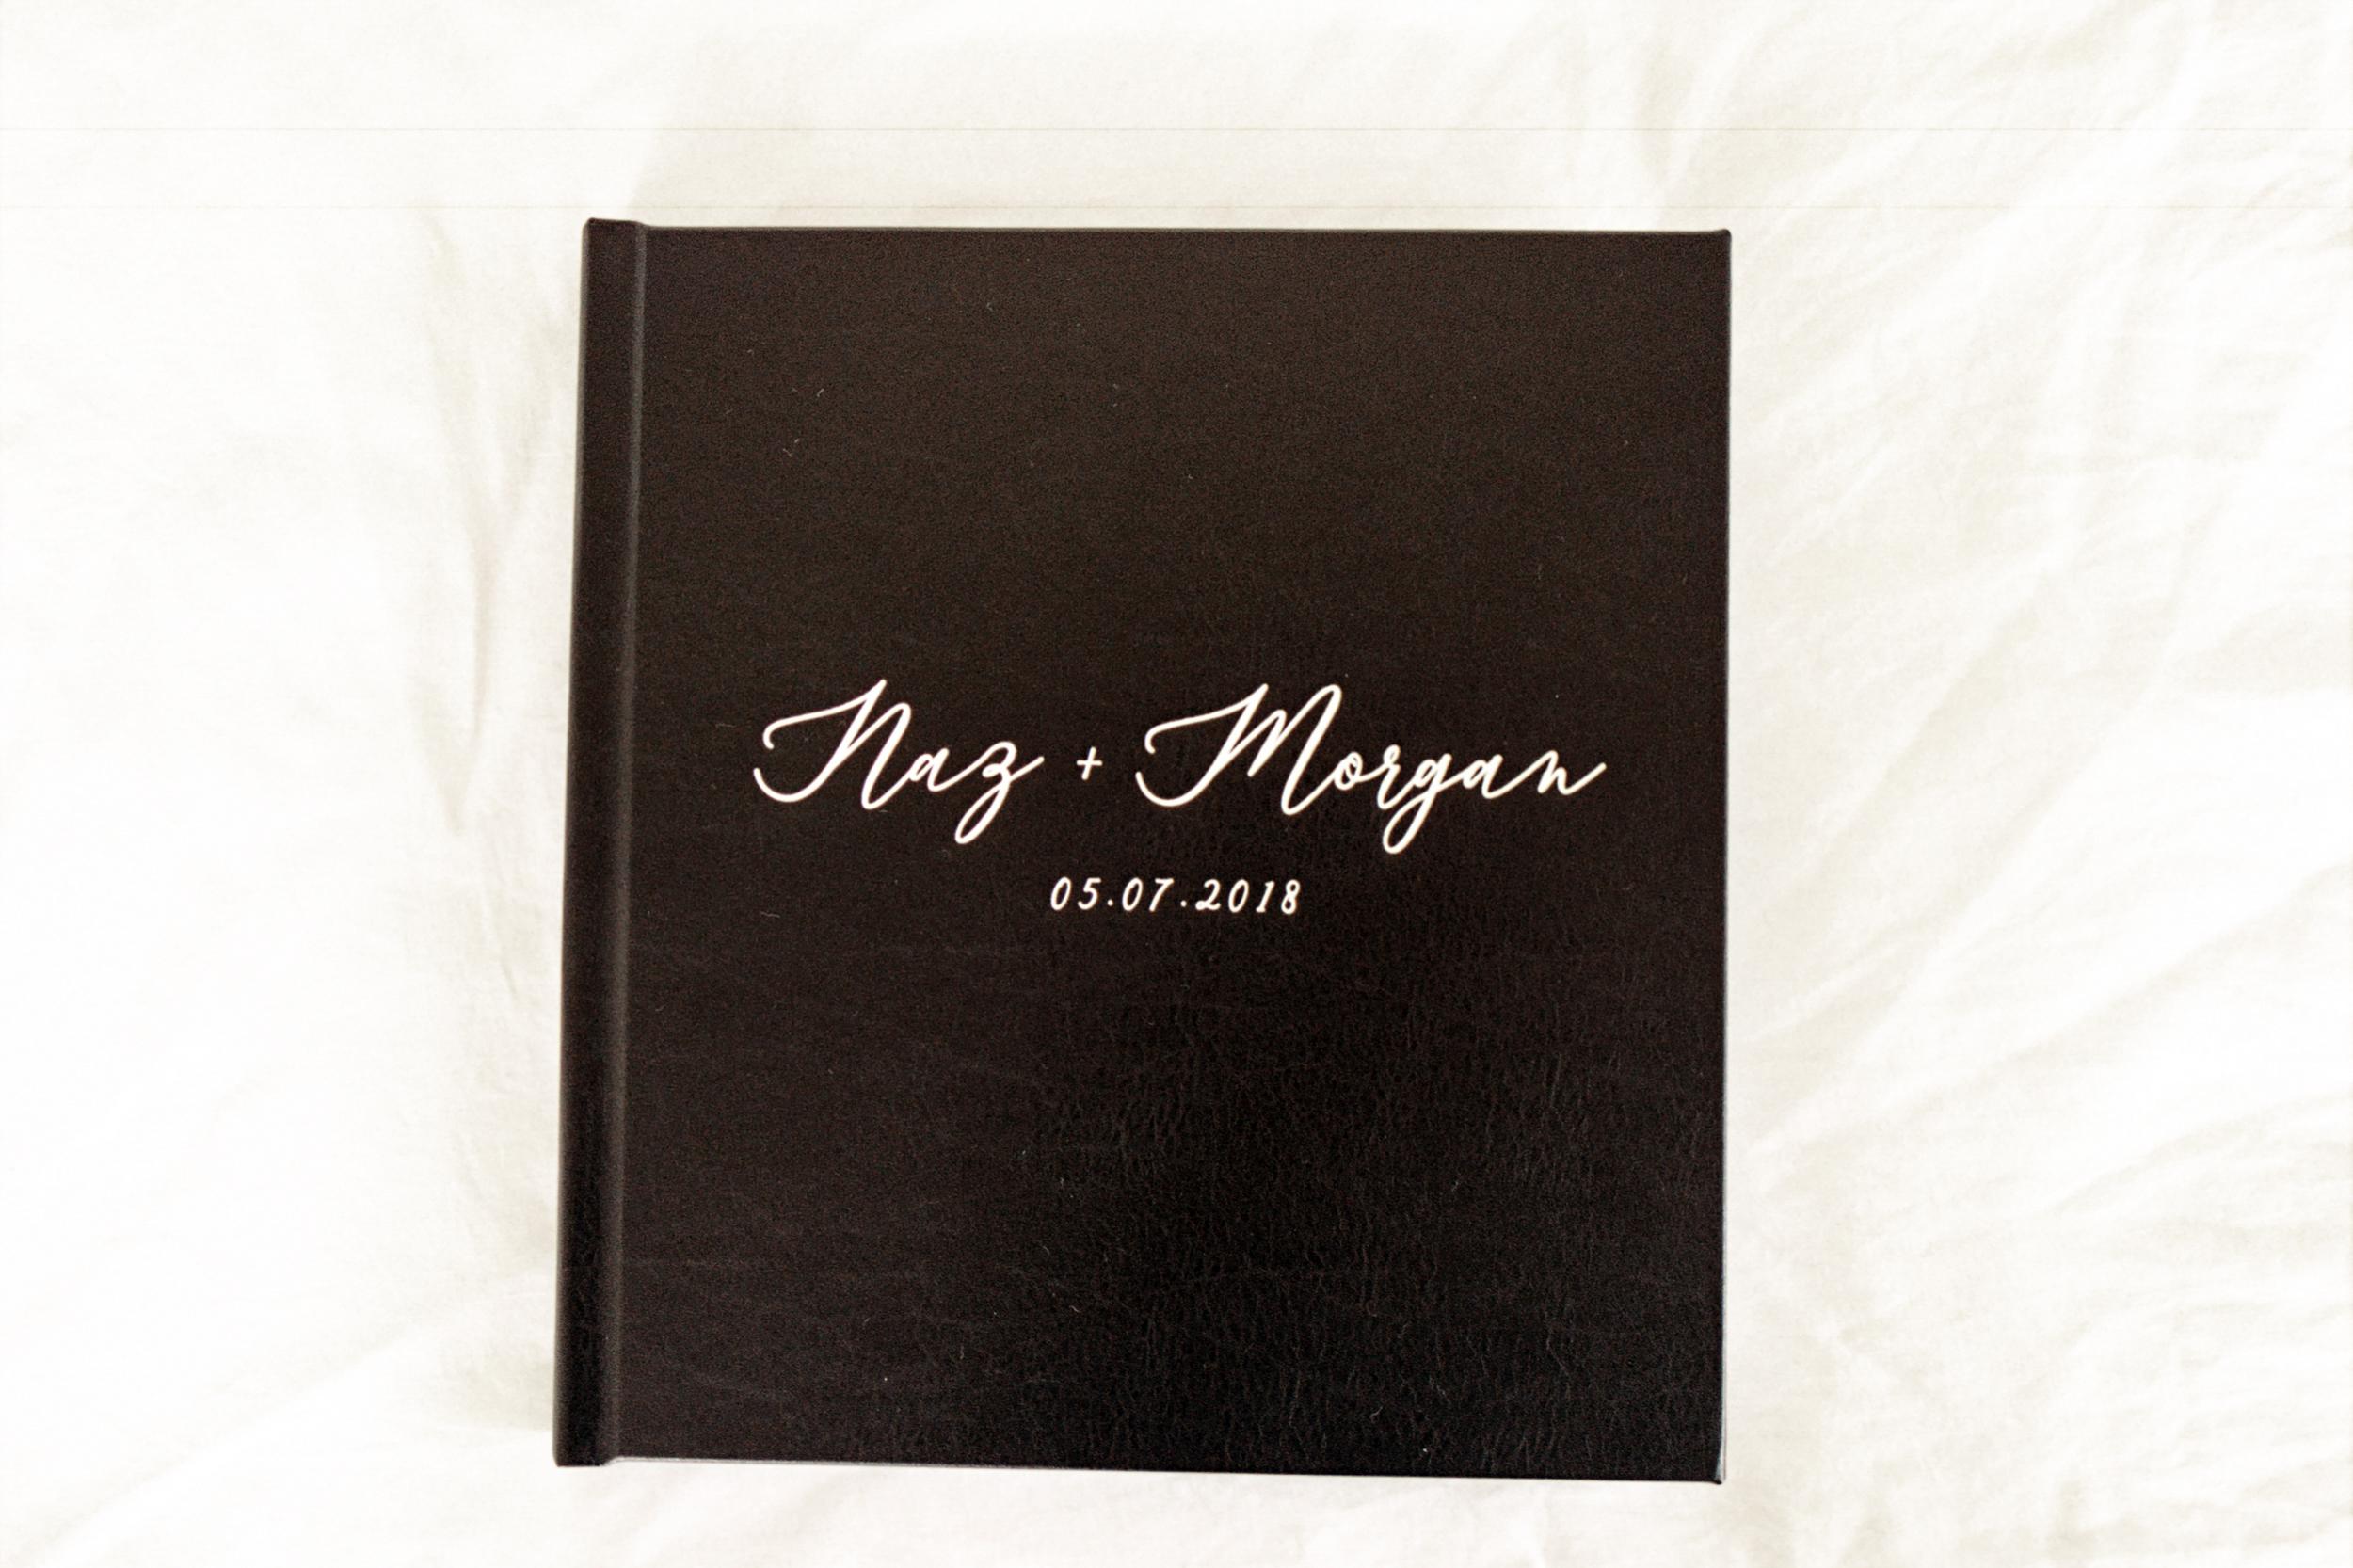 byron bay wedding album01.jpg